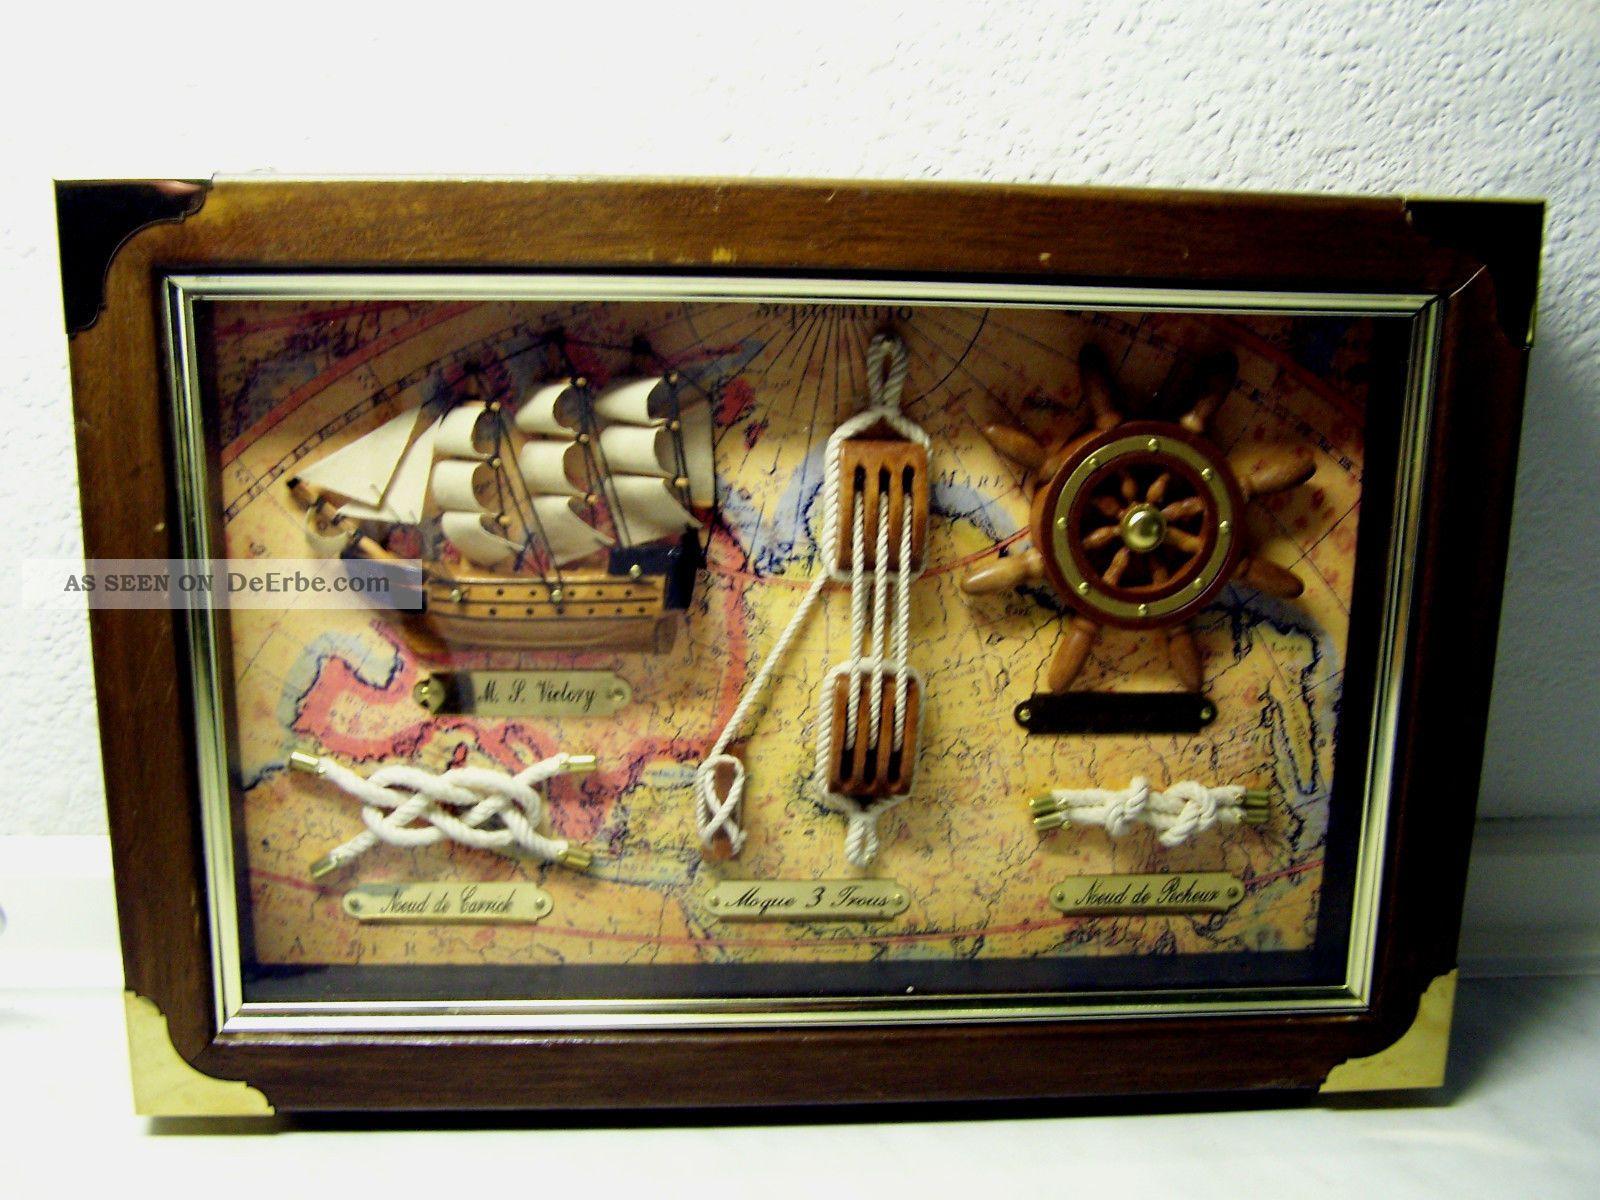 Maritime Knotentafel Holzrahmen Hinter Glas Mit Segelschiff H.  M.  S.  Victoriy Maritime Dekoration Bild